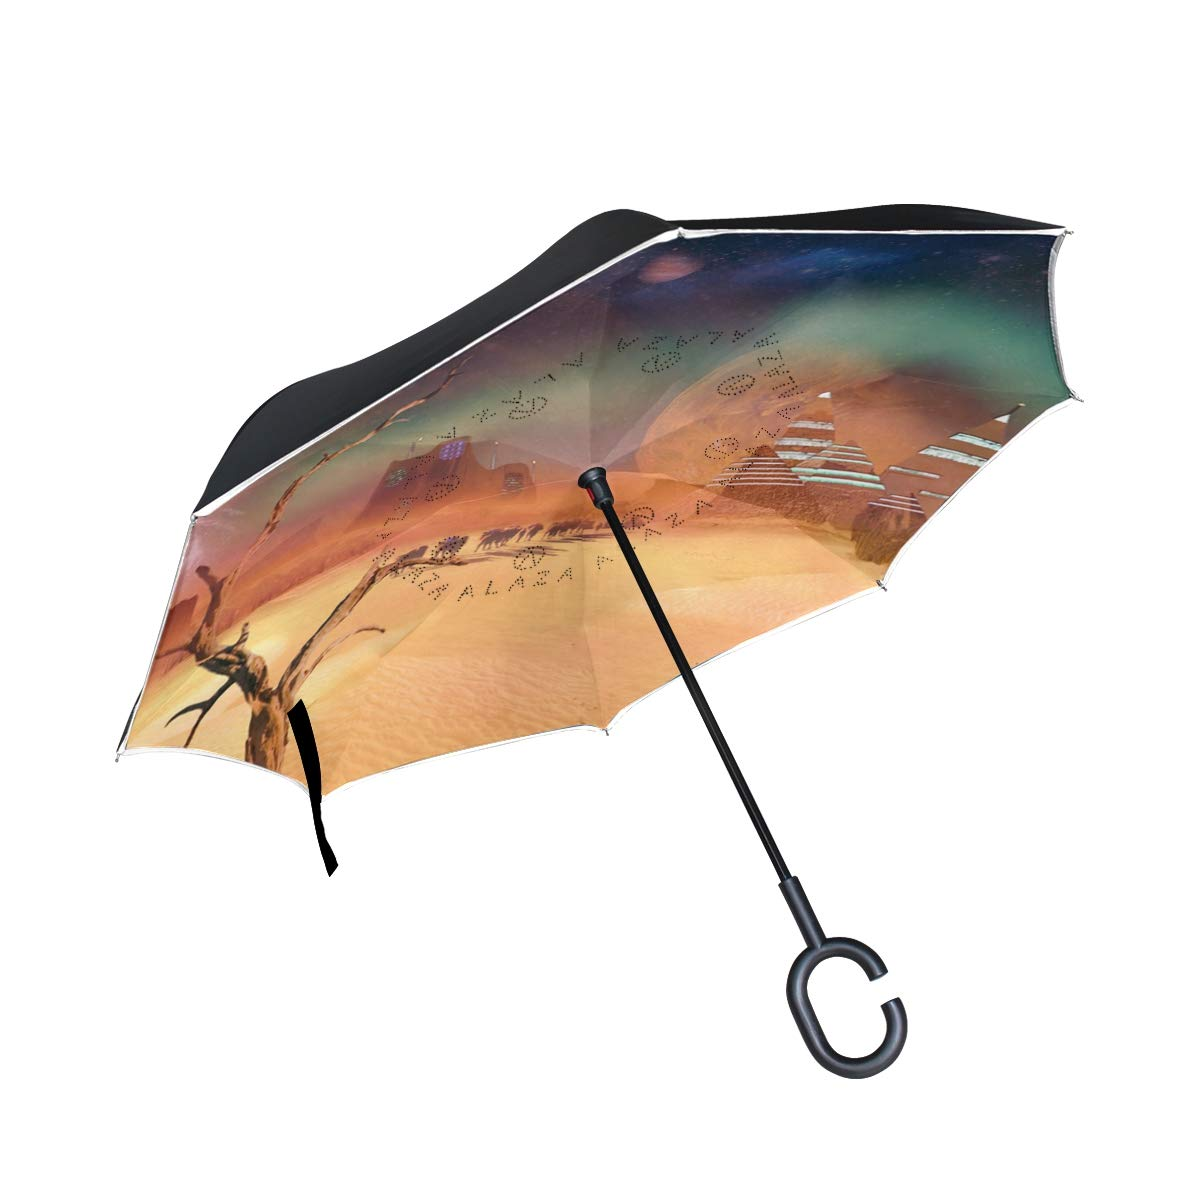 All agree 逆傘 小さな赤いバラ 逆さ傘 リバーシブル ゴルフ 車 旅行 雨 アウトドア ブラック One Size カラー5 B07HMQR9TH